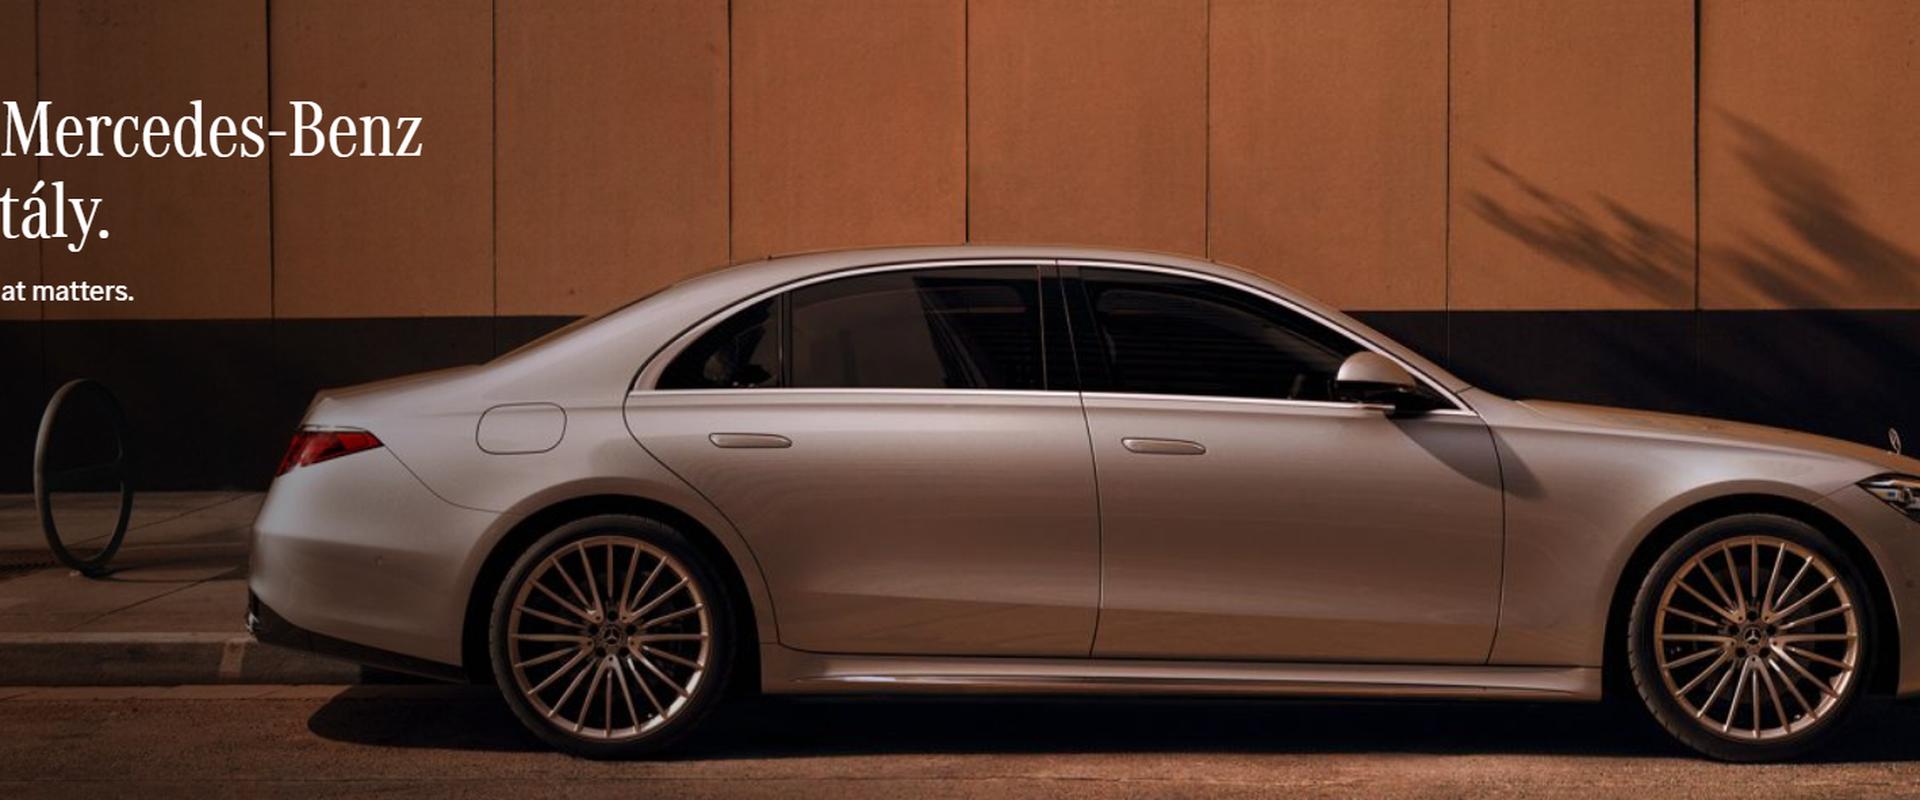 Megérkezett a lenyűgöző, új  Mercedes-Benz S-osztály!